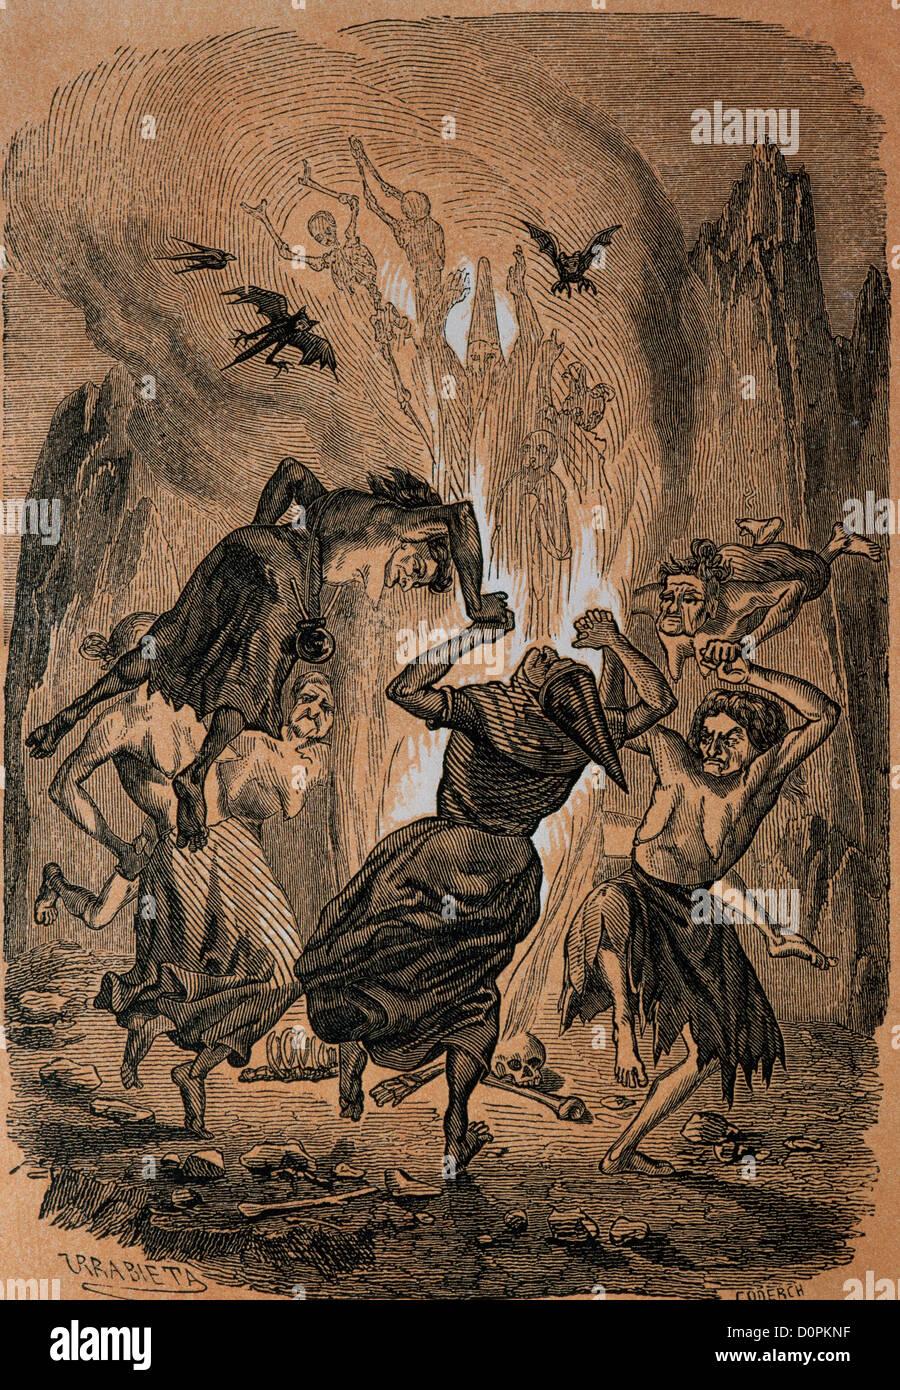 Wenceslao Ayguals de Izco (1801-1875). Lo scrittore spagnolo. Ricchi e poveri o la strega di Madrid. 1849. Immagini Stock